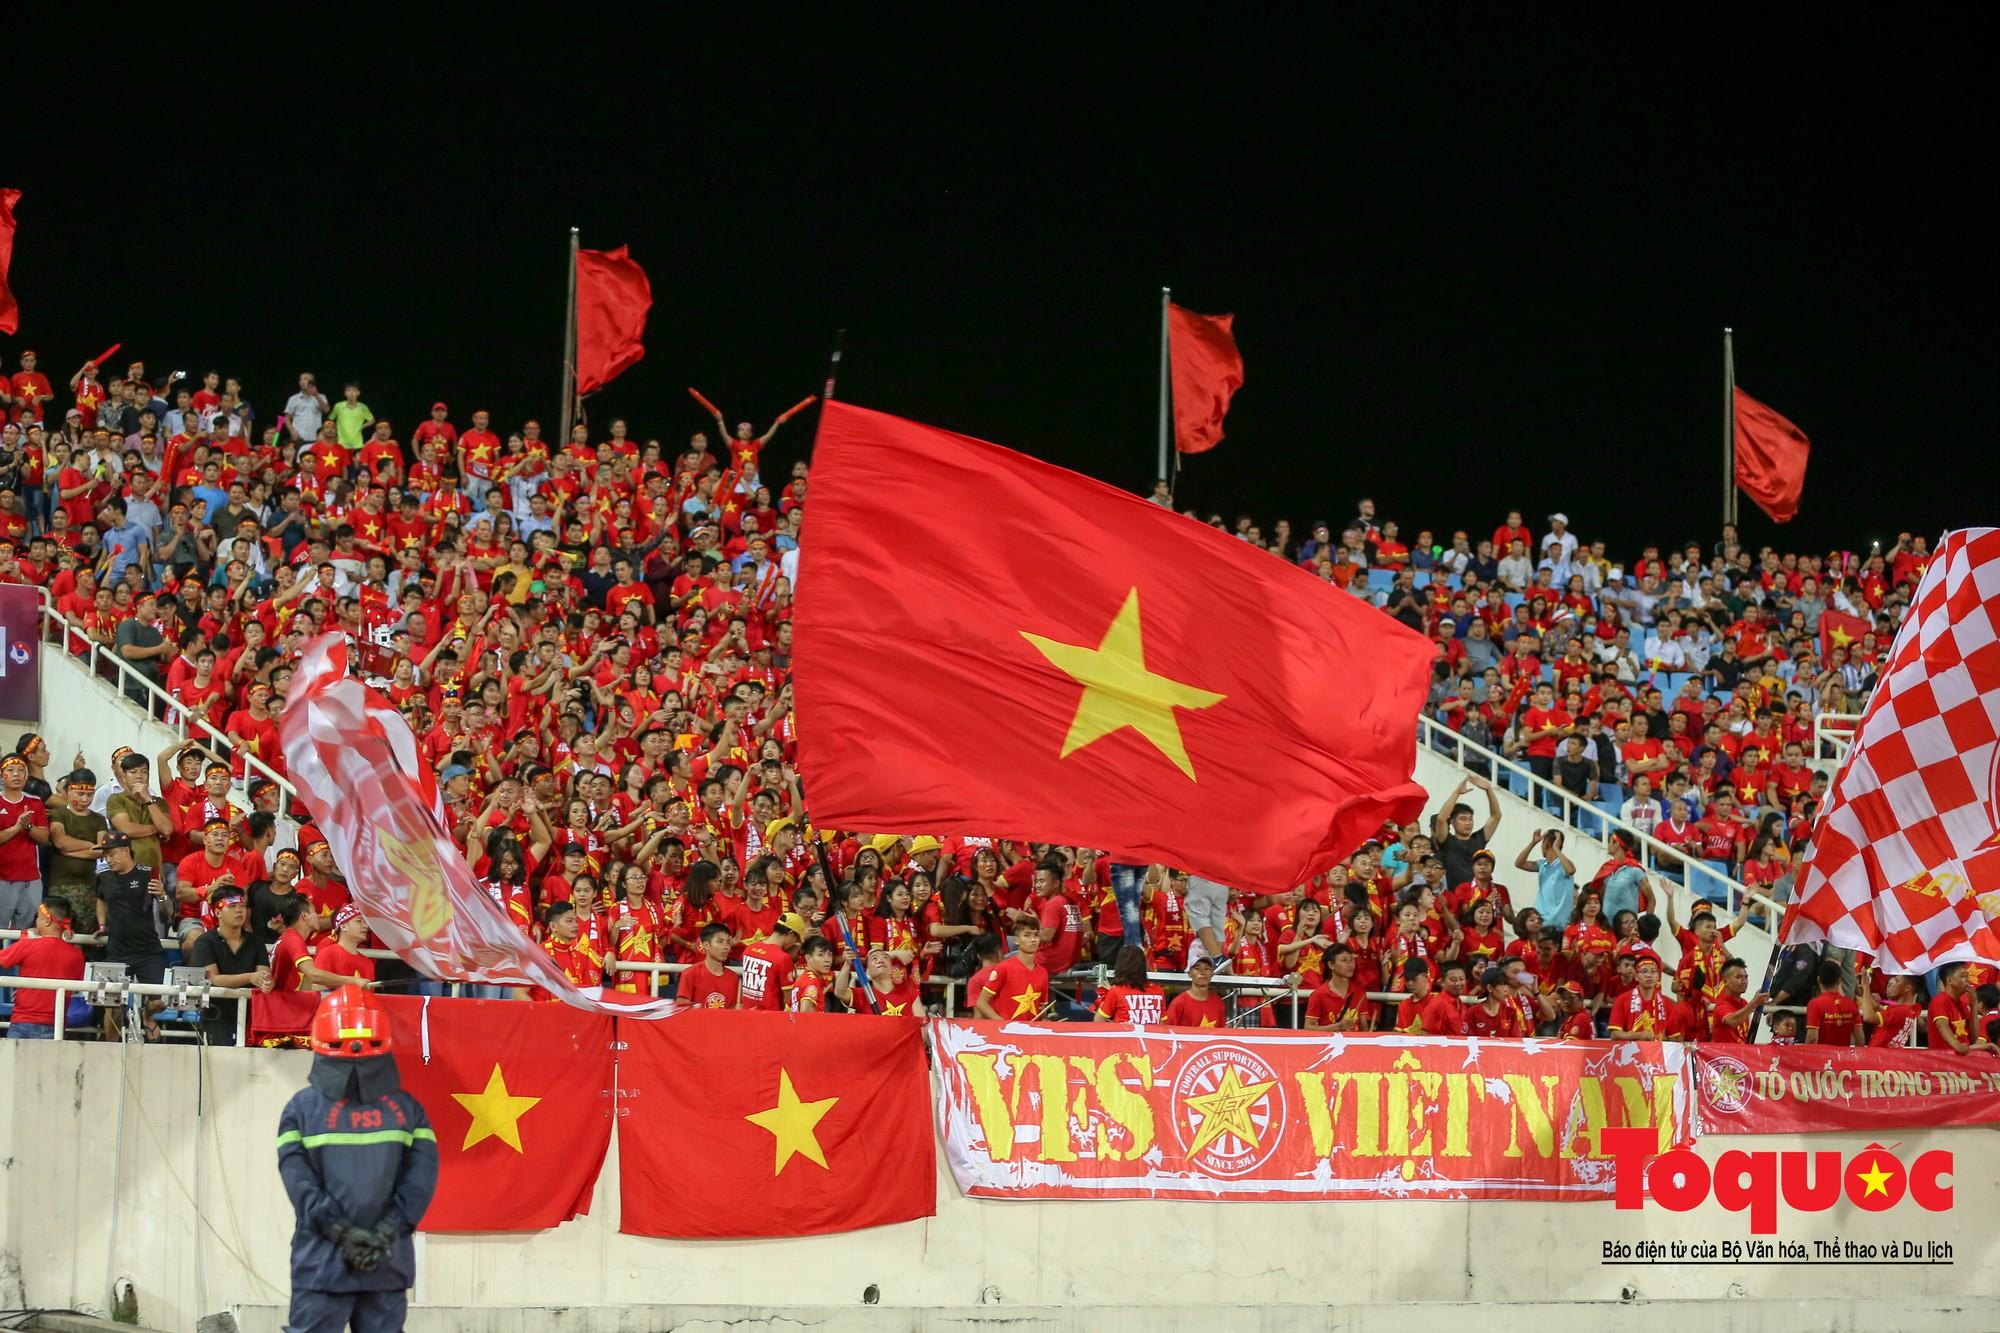 Thủ tướng, Chủ tịch Quốc hội dự khán trận giữa Việt Nam và Malaysia tại vòng loại World Cup 20226